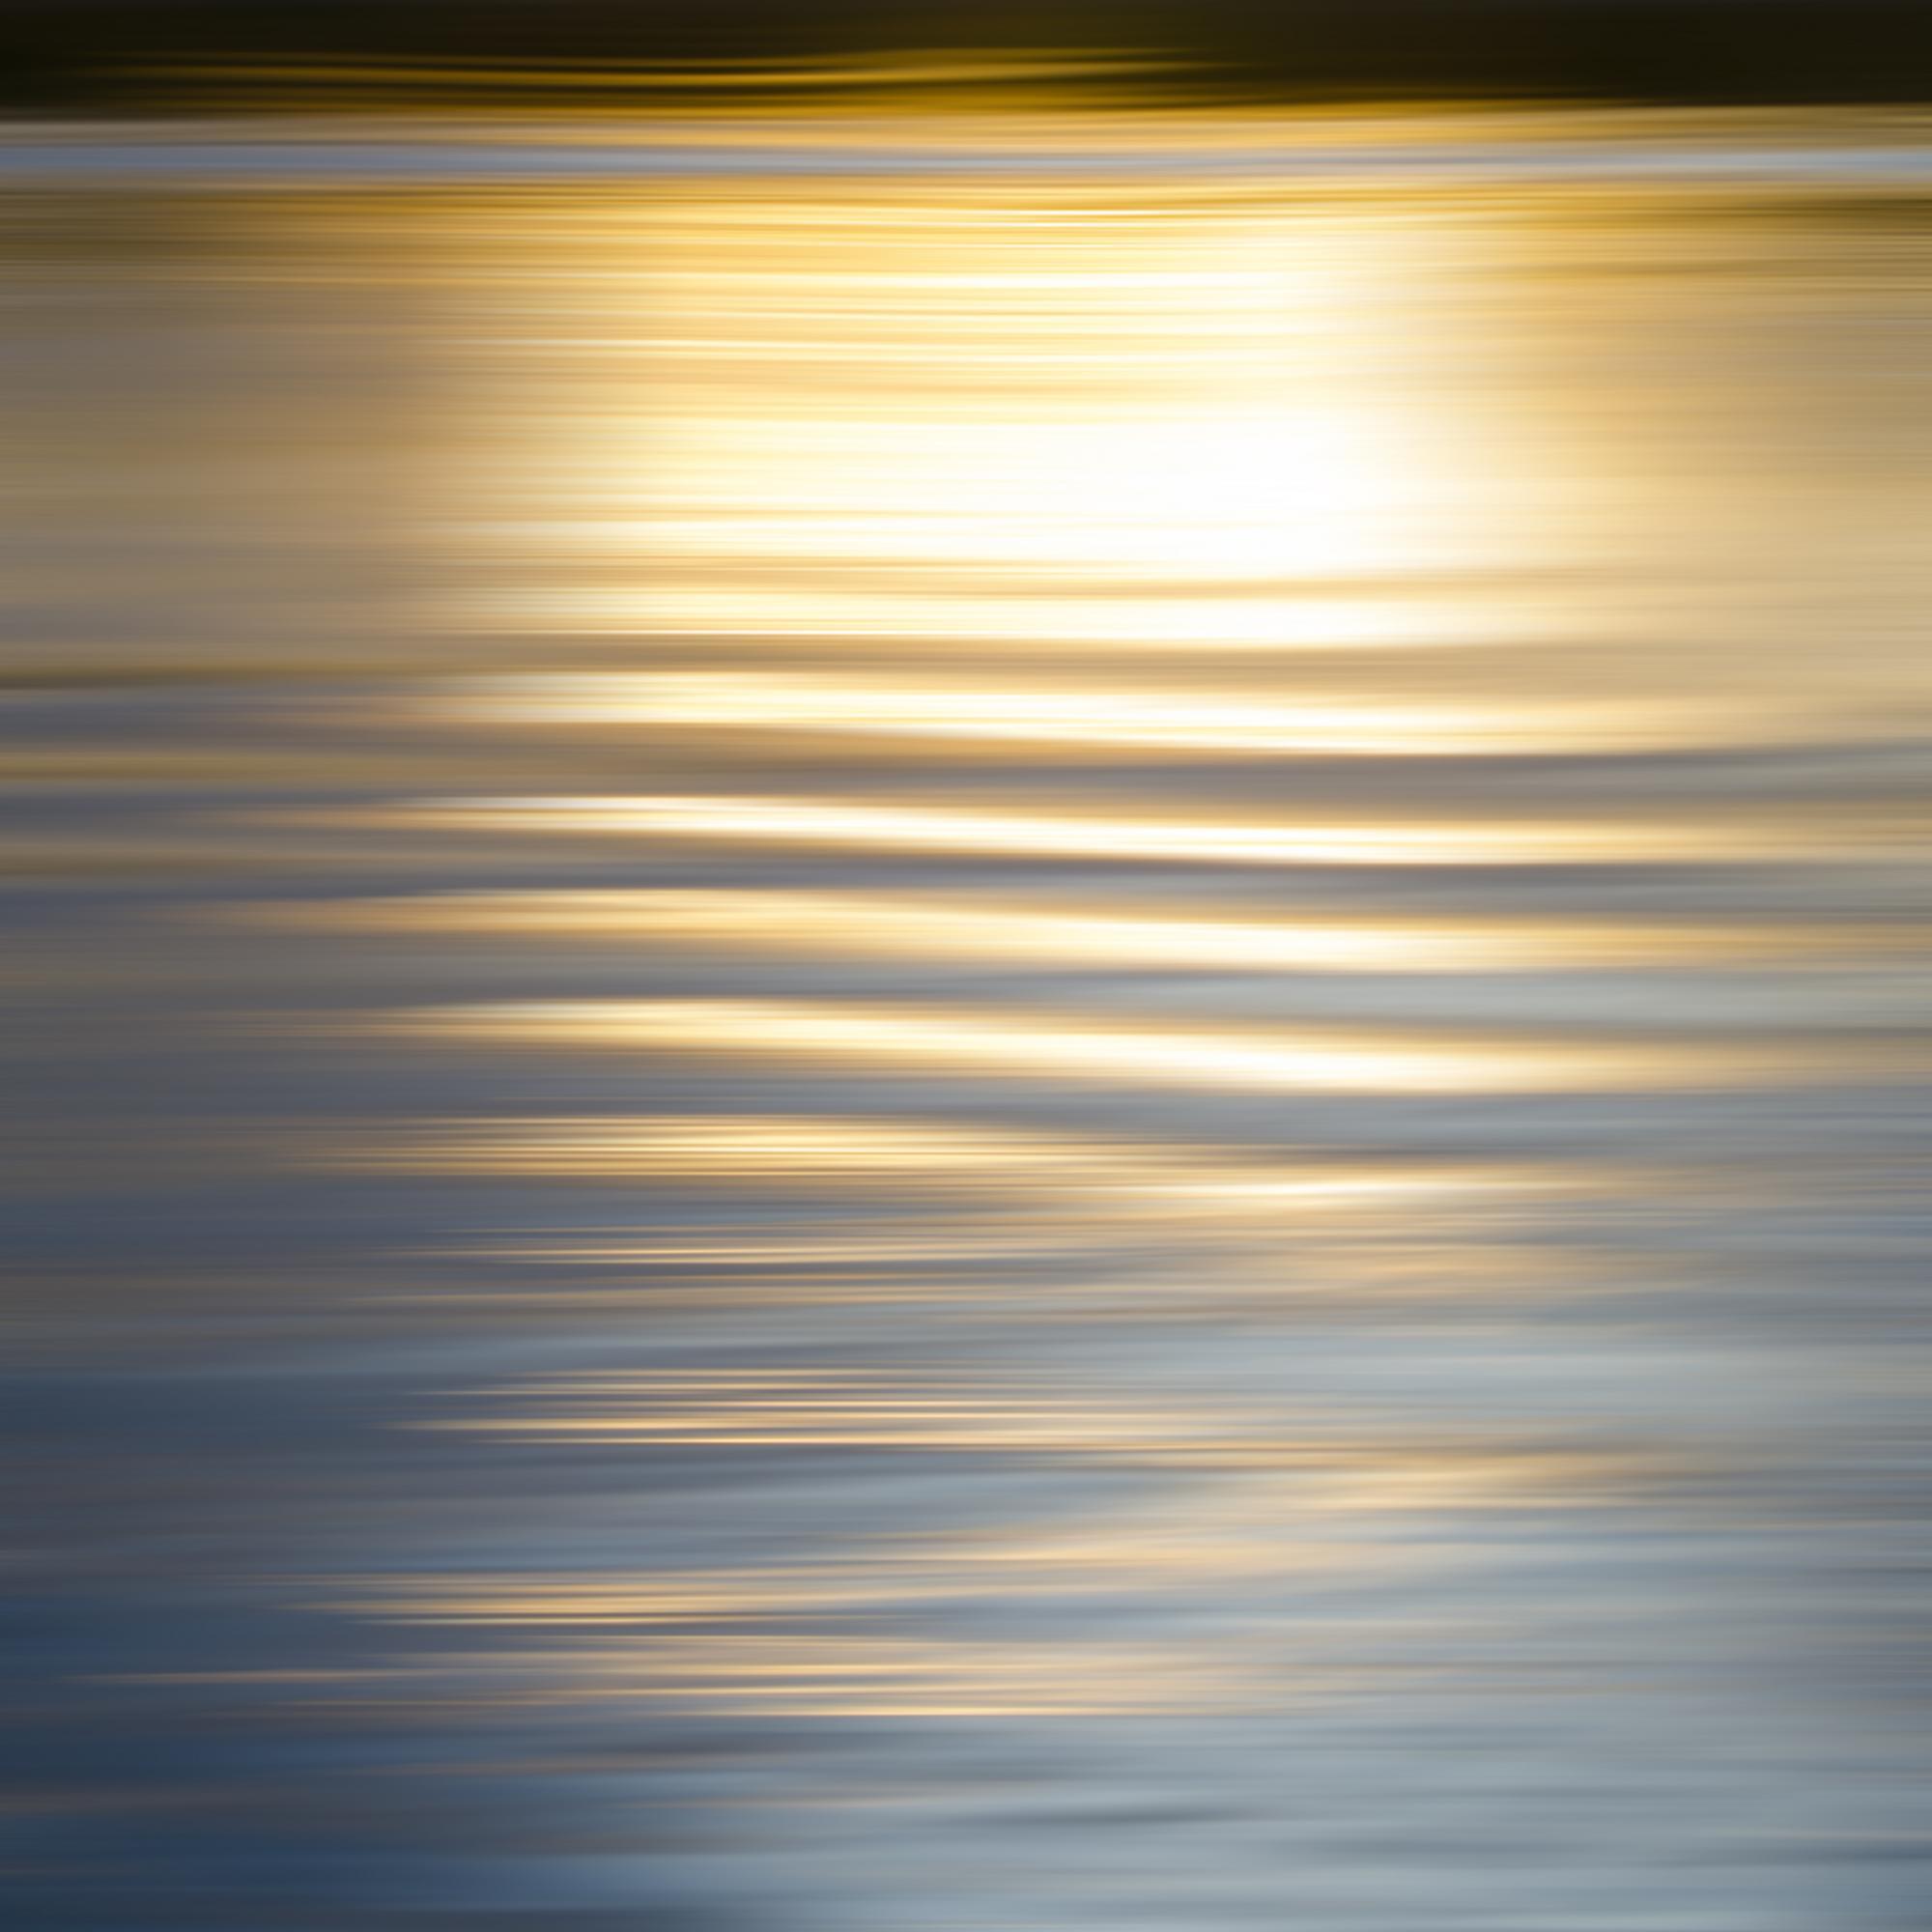 Sun-Water Dance